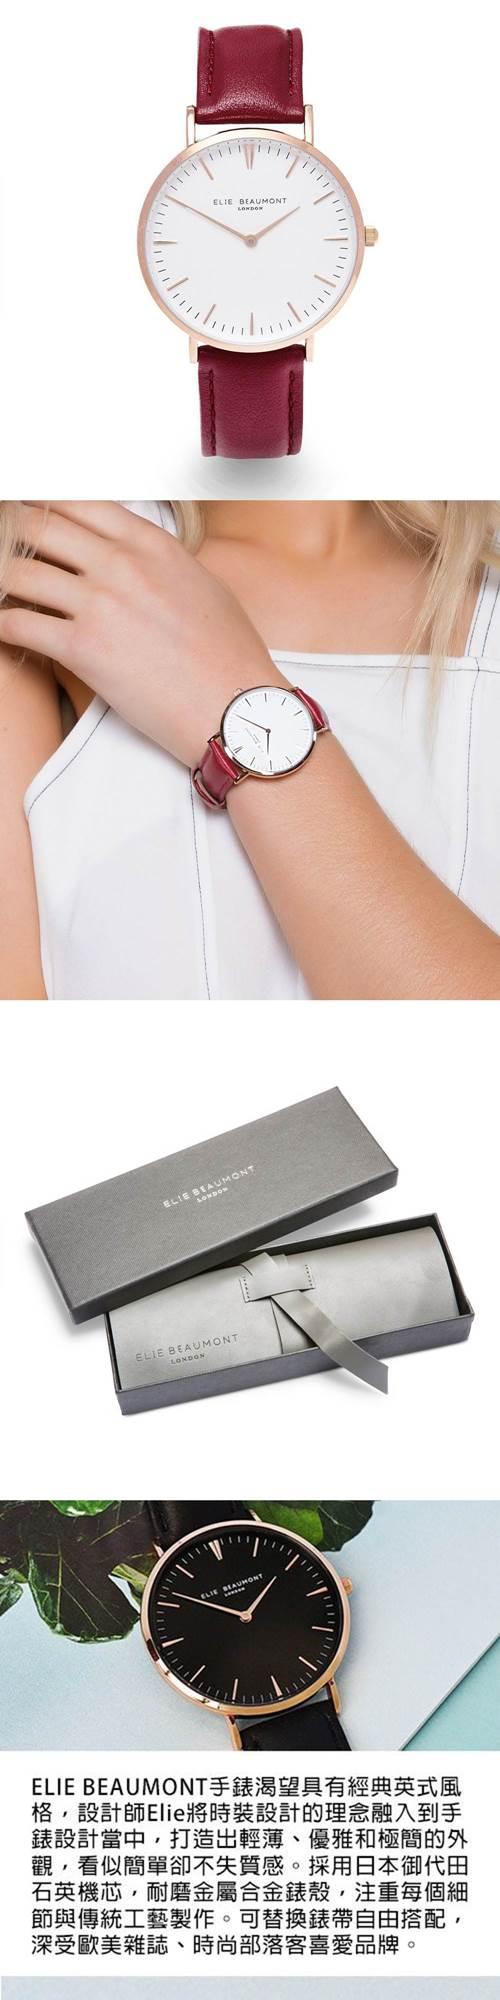 (複製)Elie Beaumont 英國時尚手錶 牛津系列 白錶盤x黑色皮革錶帶x銀錶框41mm